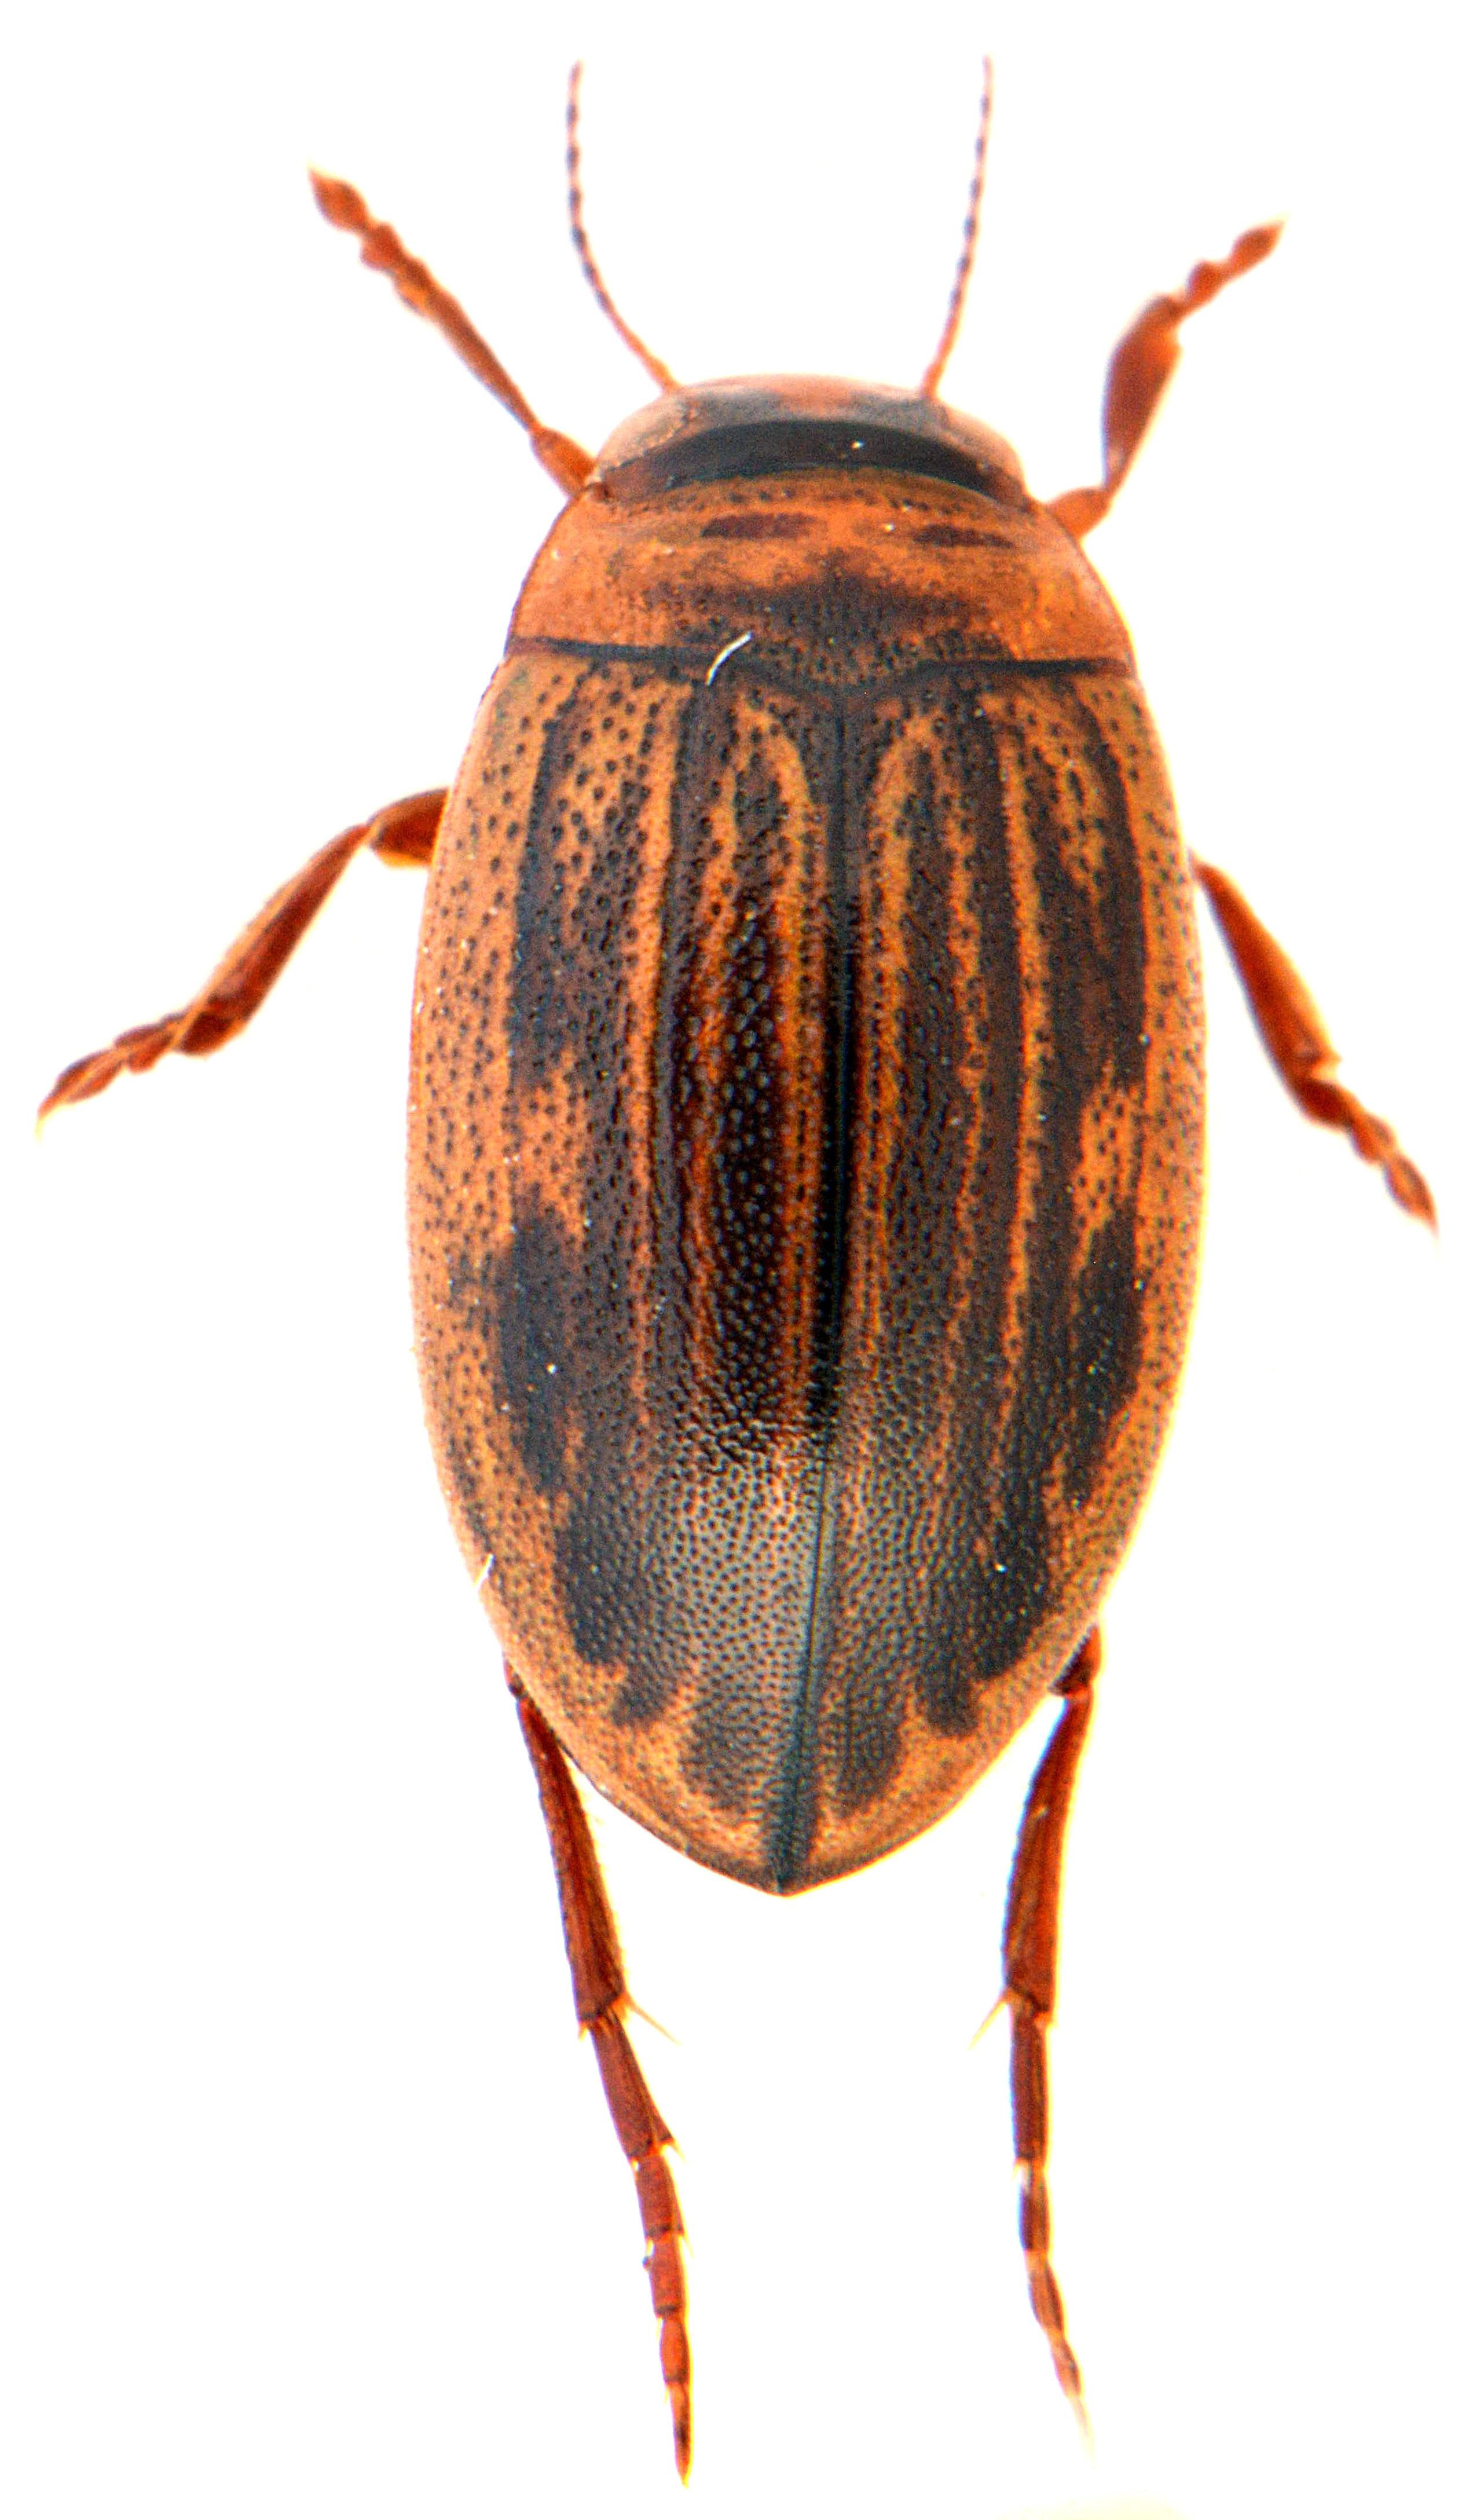 Hygrotus impressopunctatus